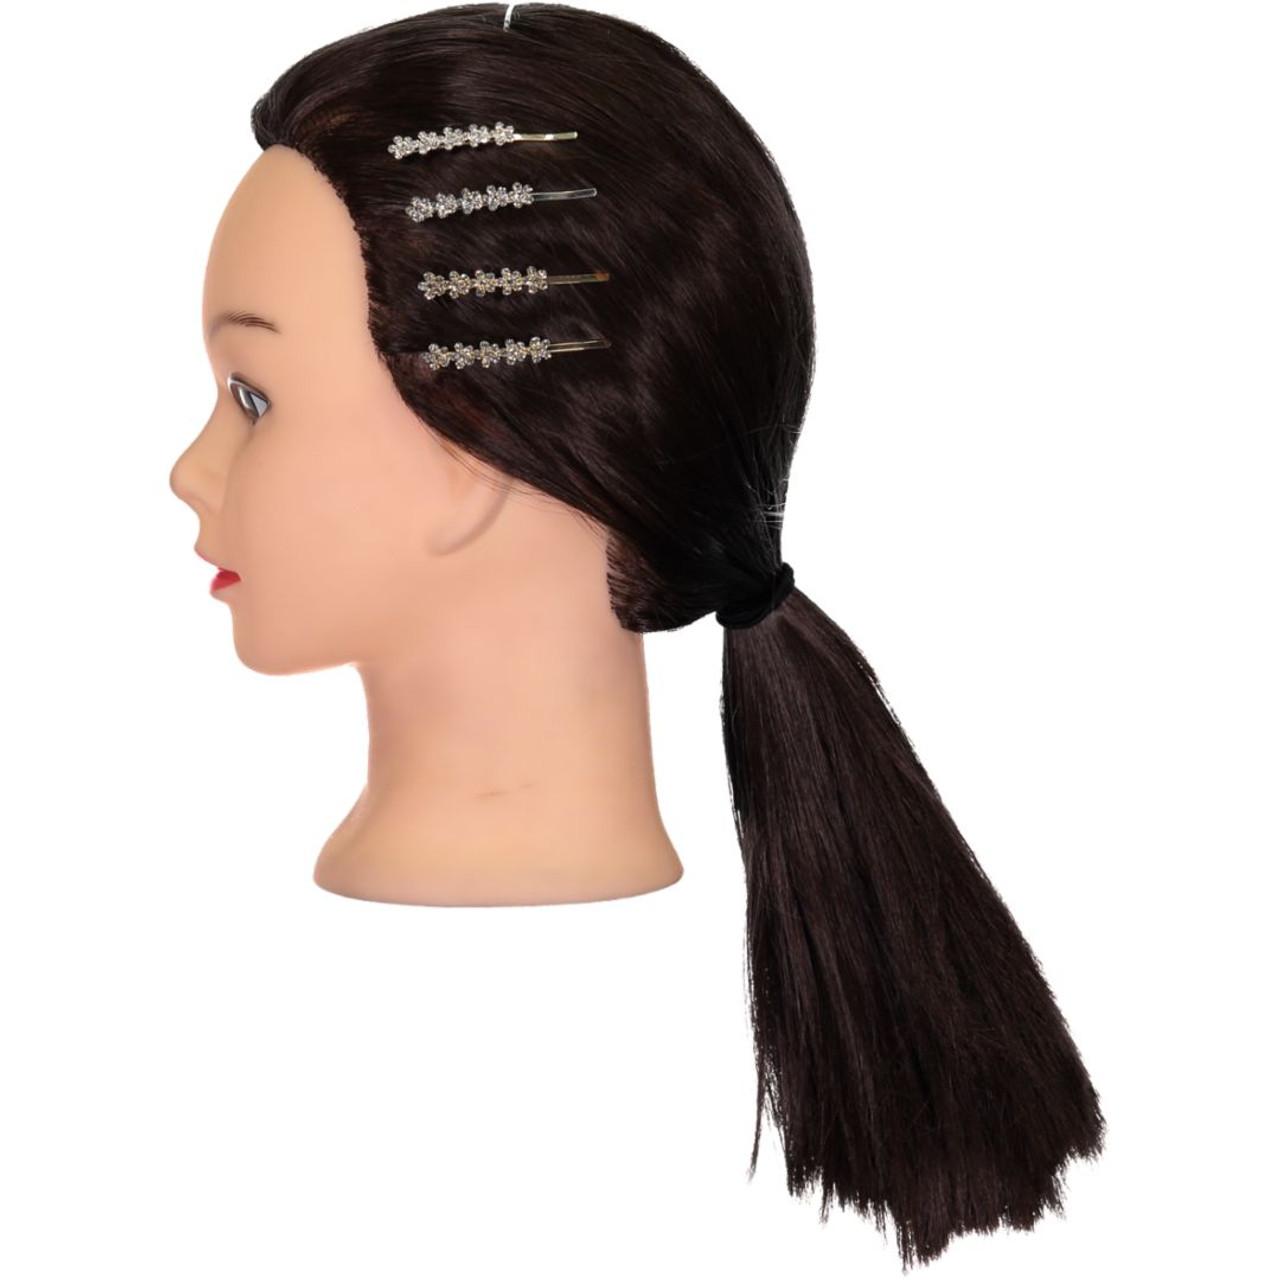 Riqki Flower Hair Clips